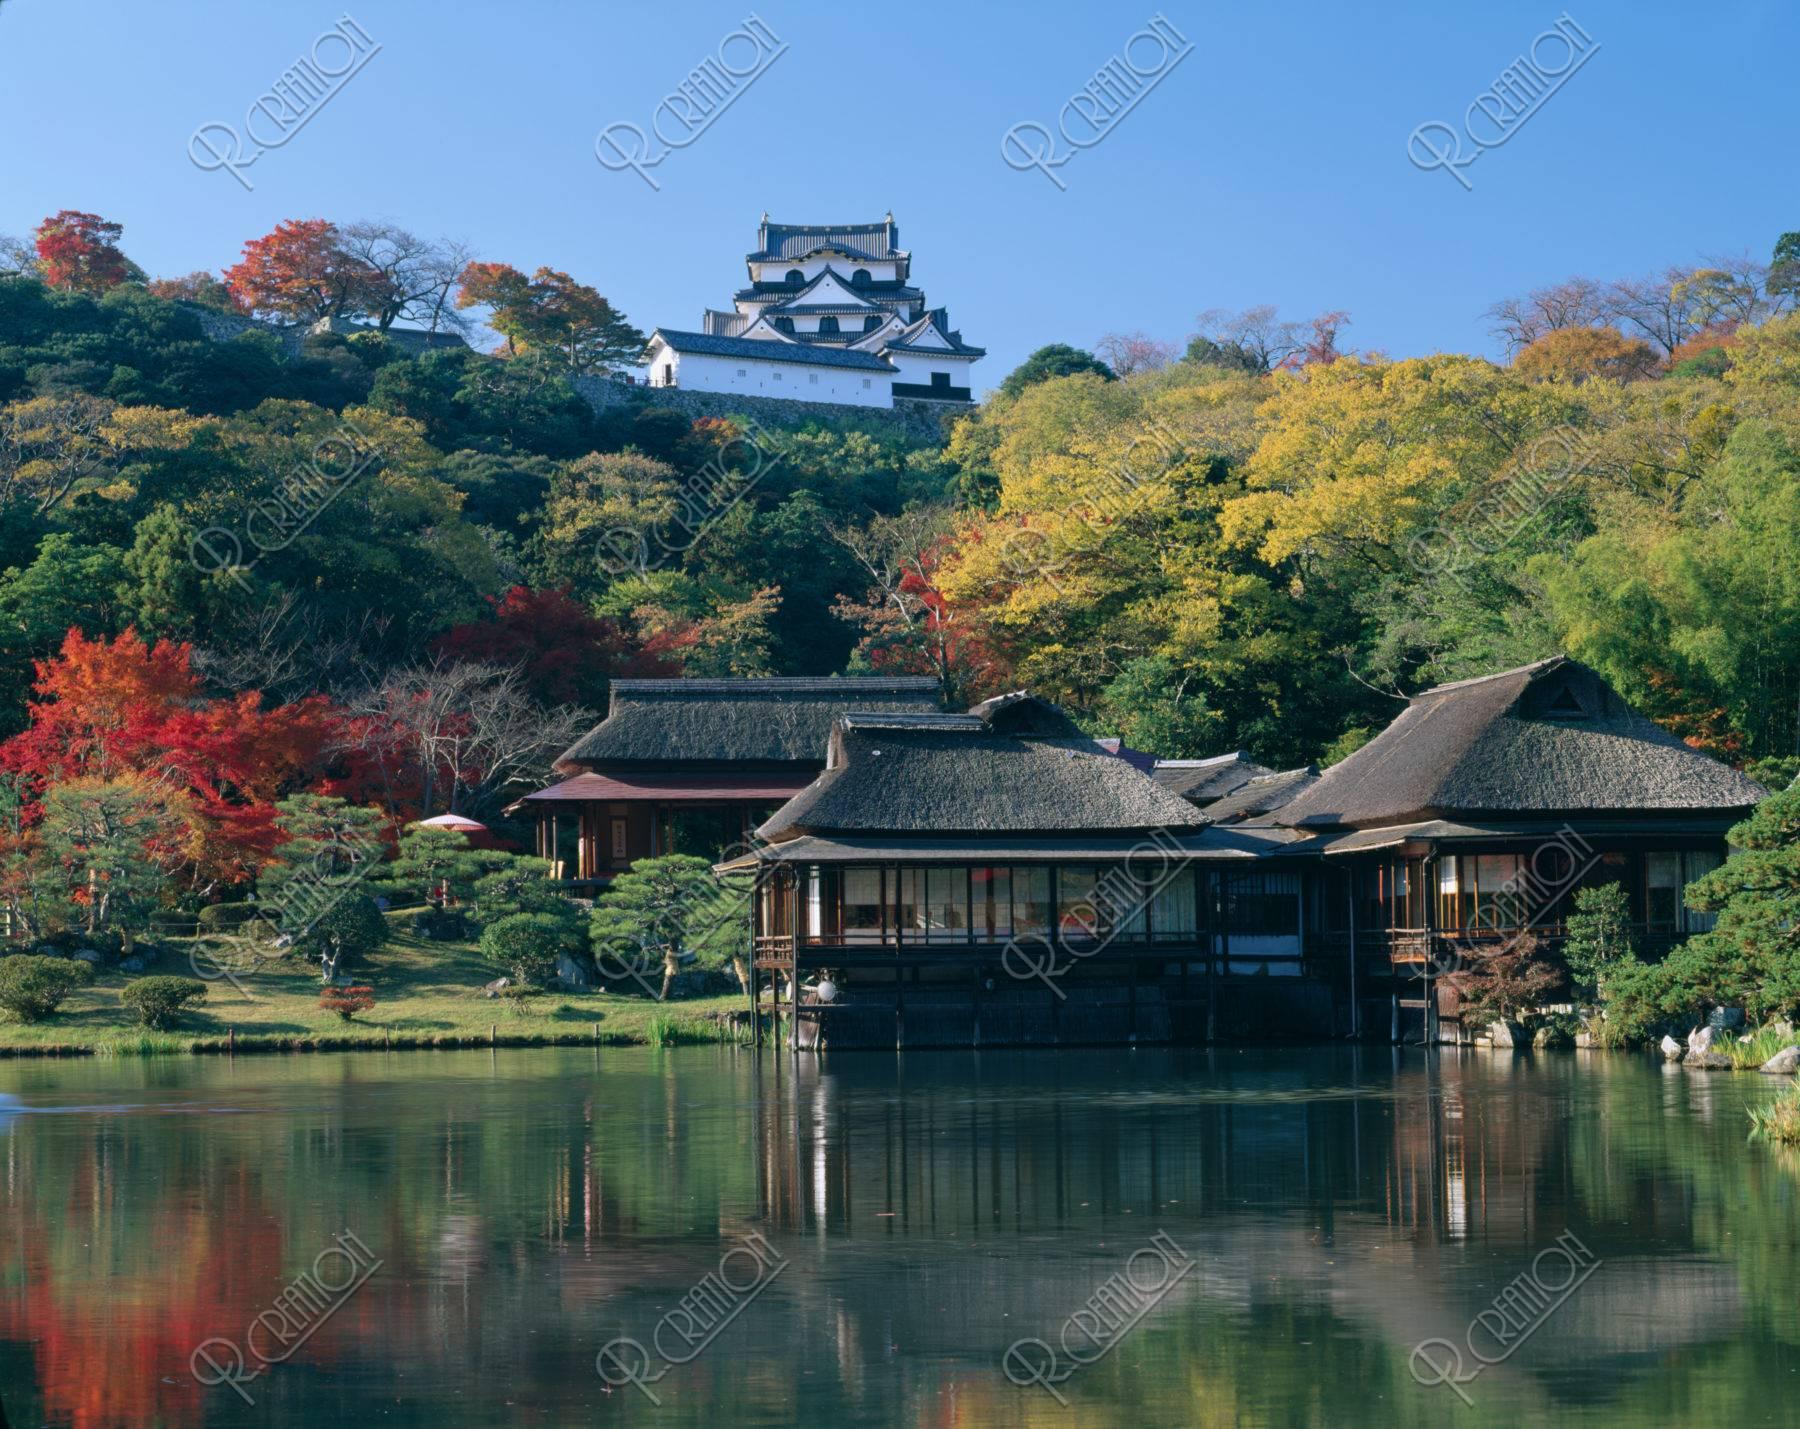 秋の玄宮園と彦根城